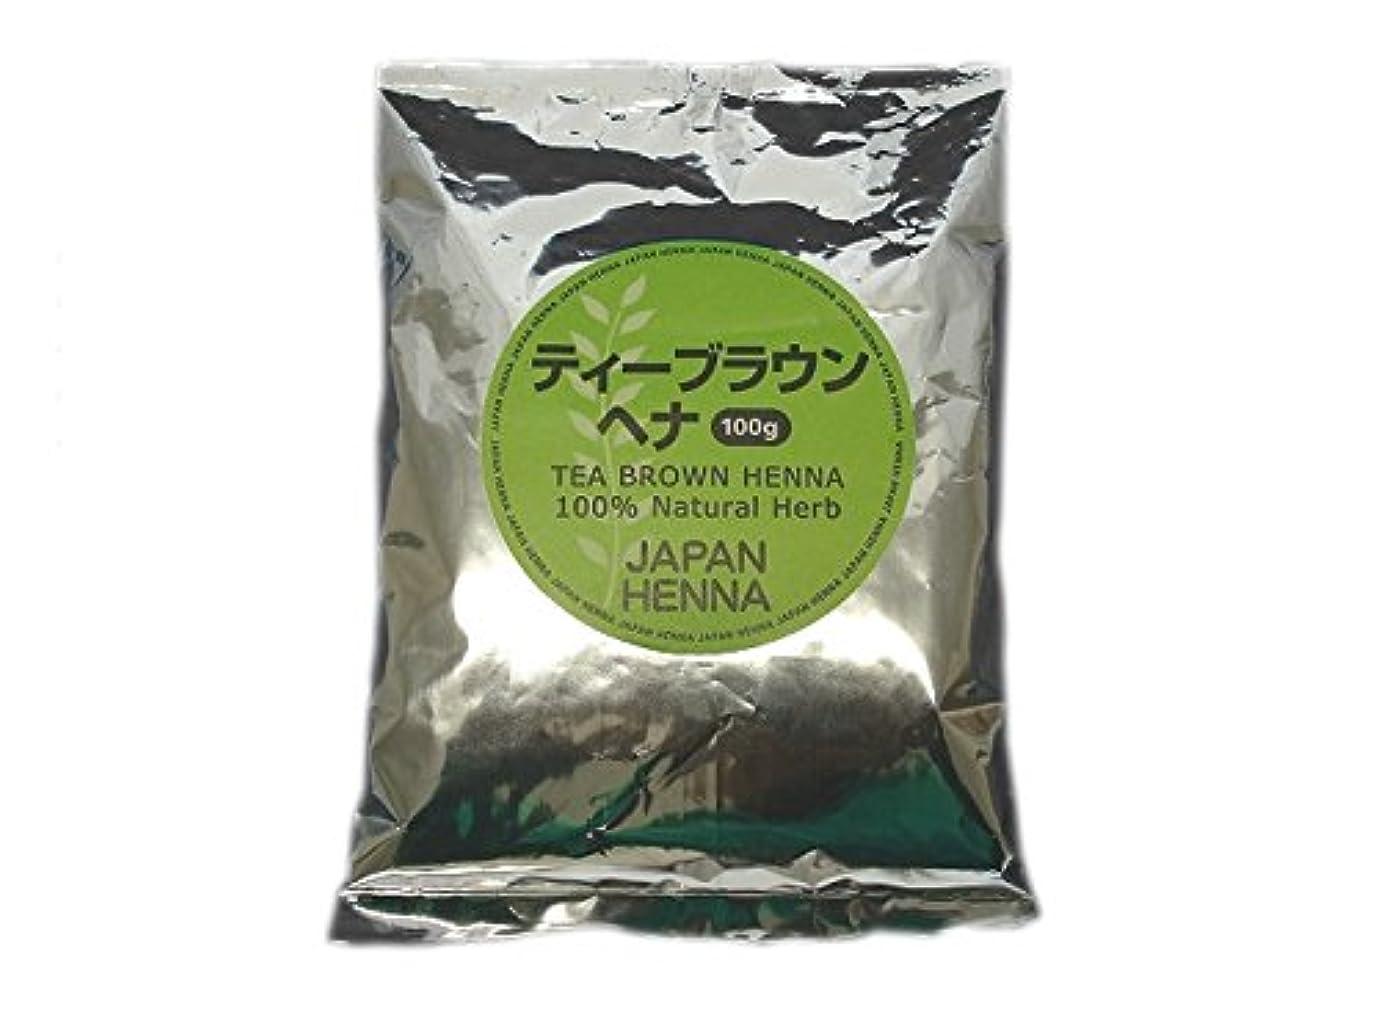 ラジエーターラインナップお茶ジャパンヘナ ティーブラウントリートメント 100g